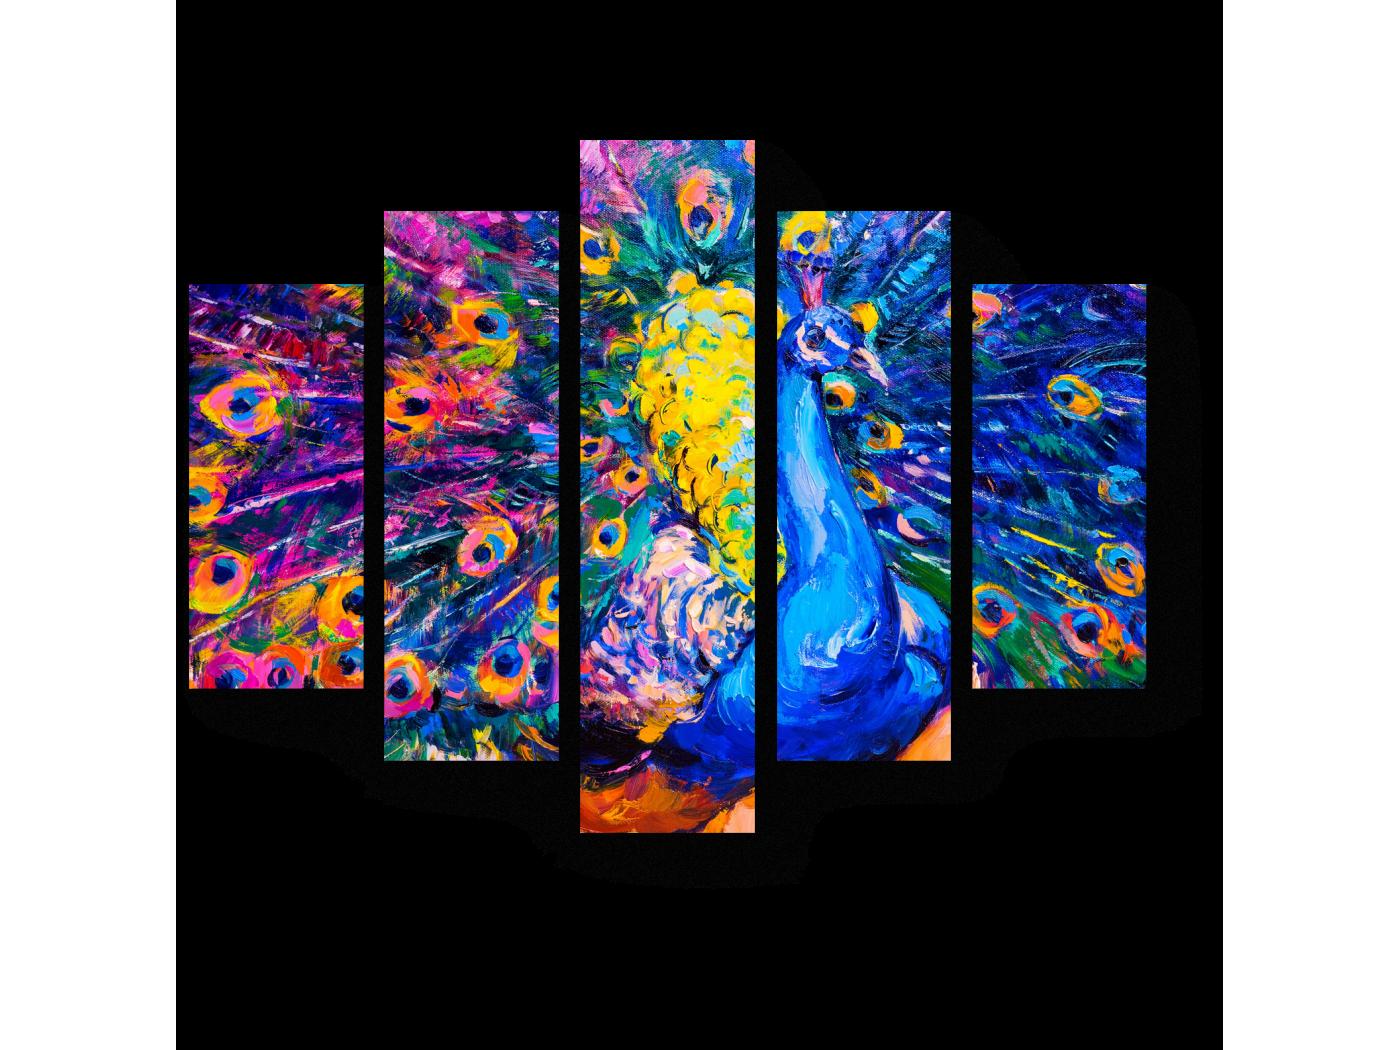 Модульная картина Красавец-павлин (75x60) фото